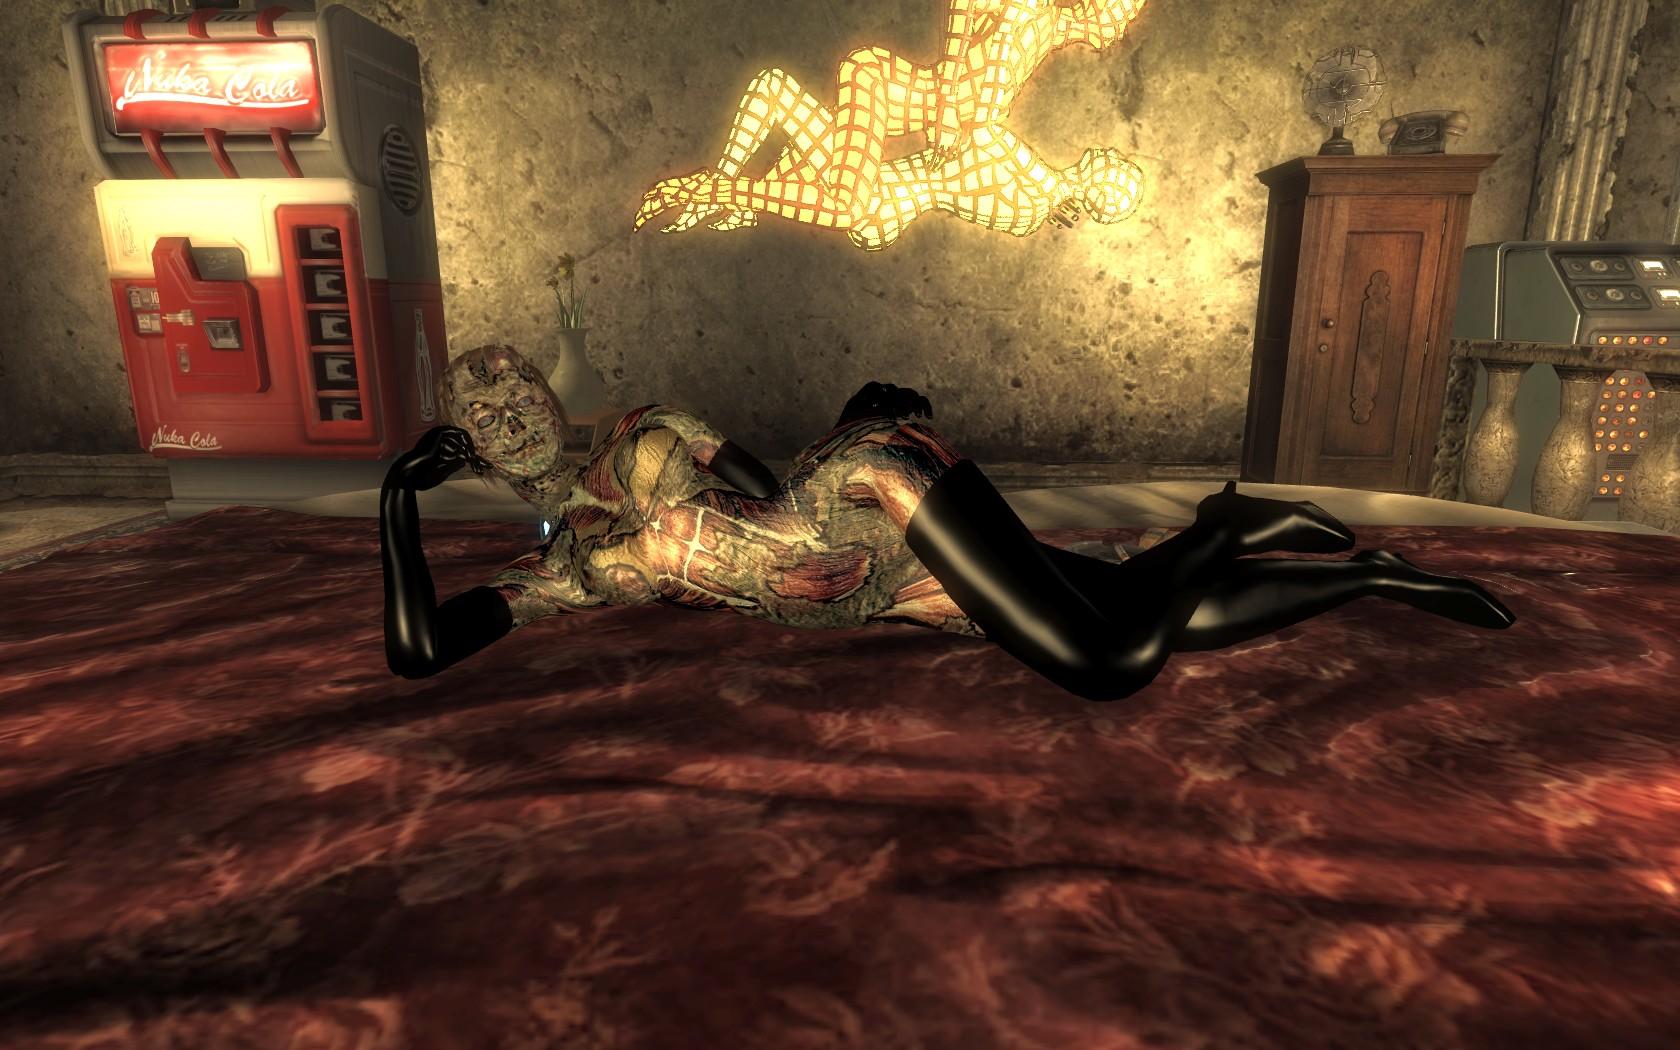 Fallout rule 34 porno videos